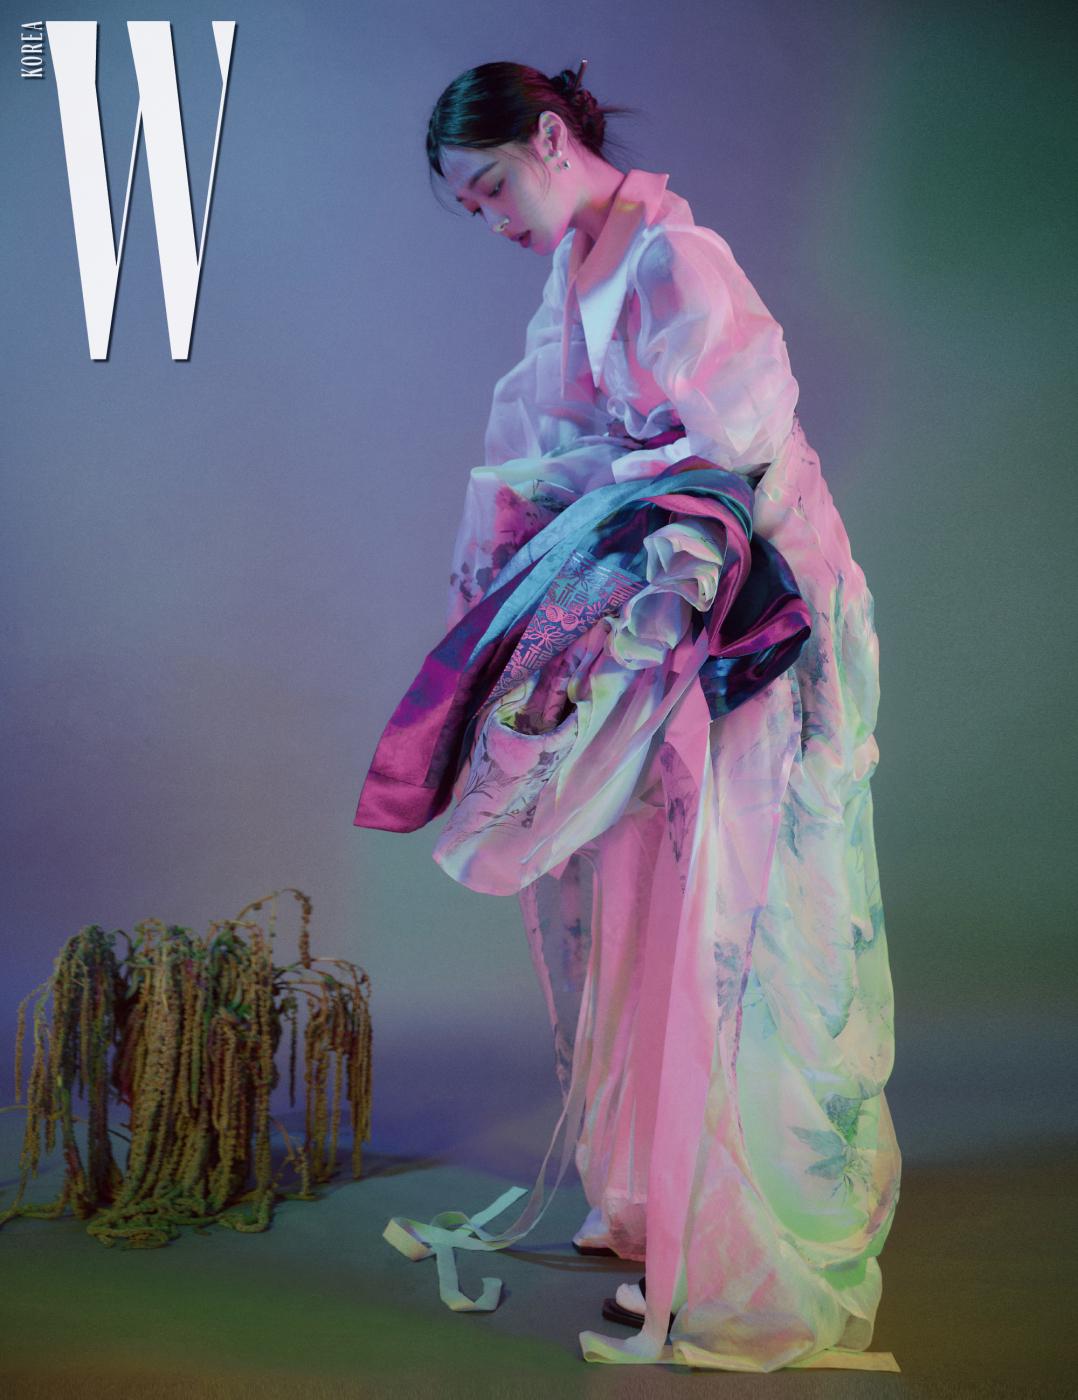 흰색과 하늘색이 섞인 꽃무늬 비대칭 한복 드레스는 Tchai Kimyoungjin, 겹쳐 입은 푸른색 한복 치마는 Hanbok Lynn, 에메랄드색 꽃무늬 한복 치마는 Tchai Kimyoungjin, 버선은 Hanbok Lynn, 앤티크한 헤어 장식은 Minwhee Art Jewelry, 슈즈는 Alexander McQueen 제품. 오간자 소재의 빅 칼라 블라우스는 스타일리스트 소장품.